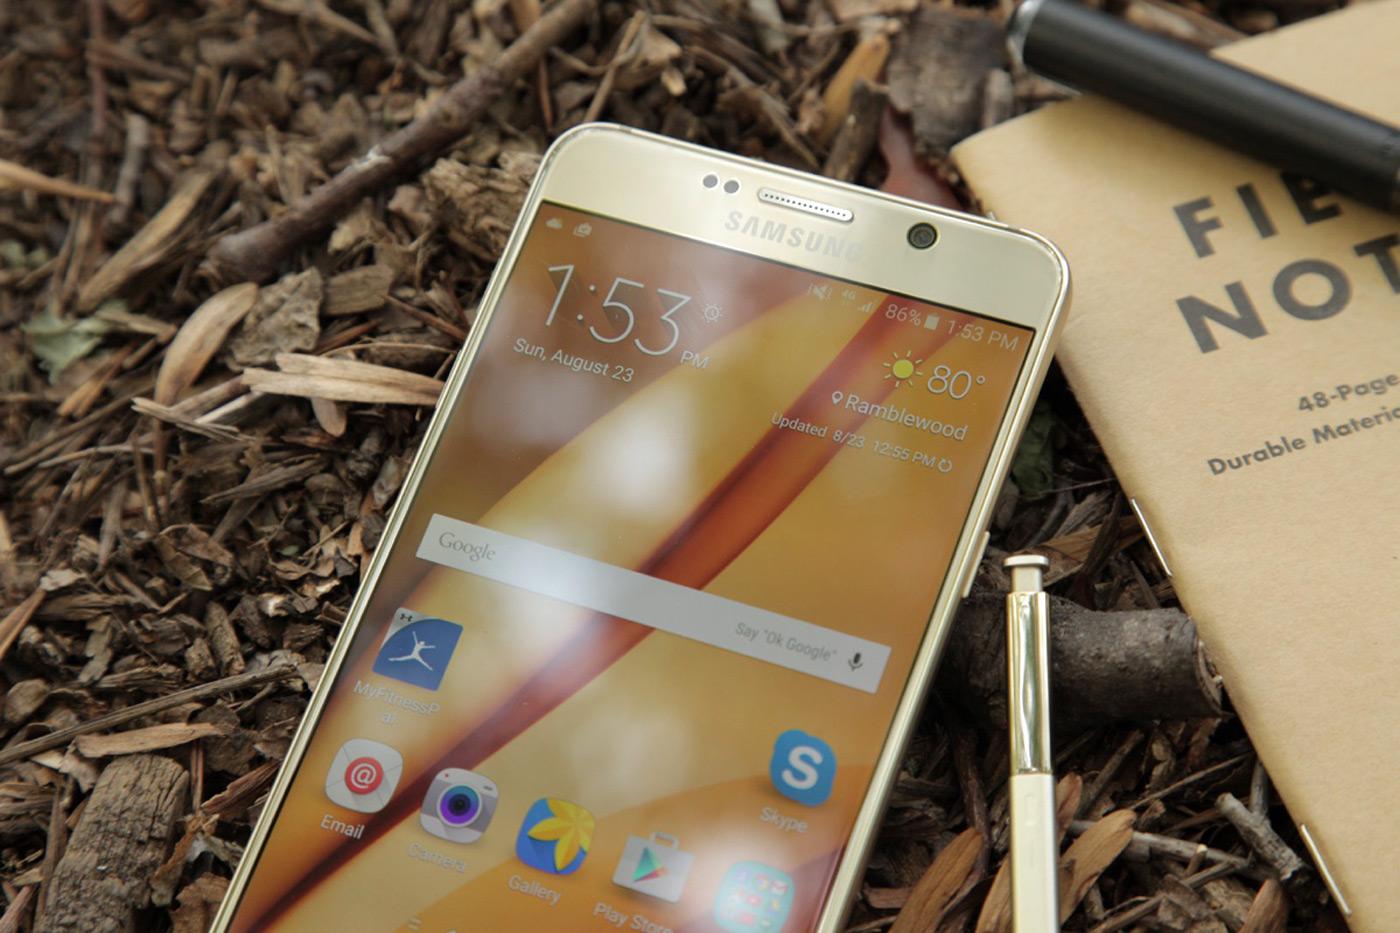 Samsung solucionó el problema con los S Pen introducidos al revés